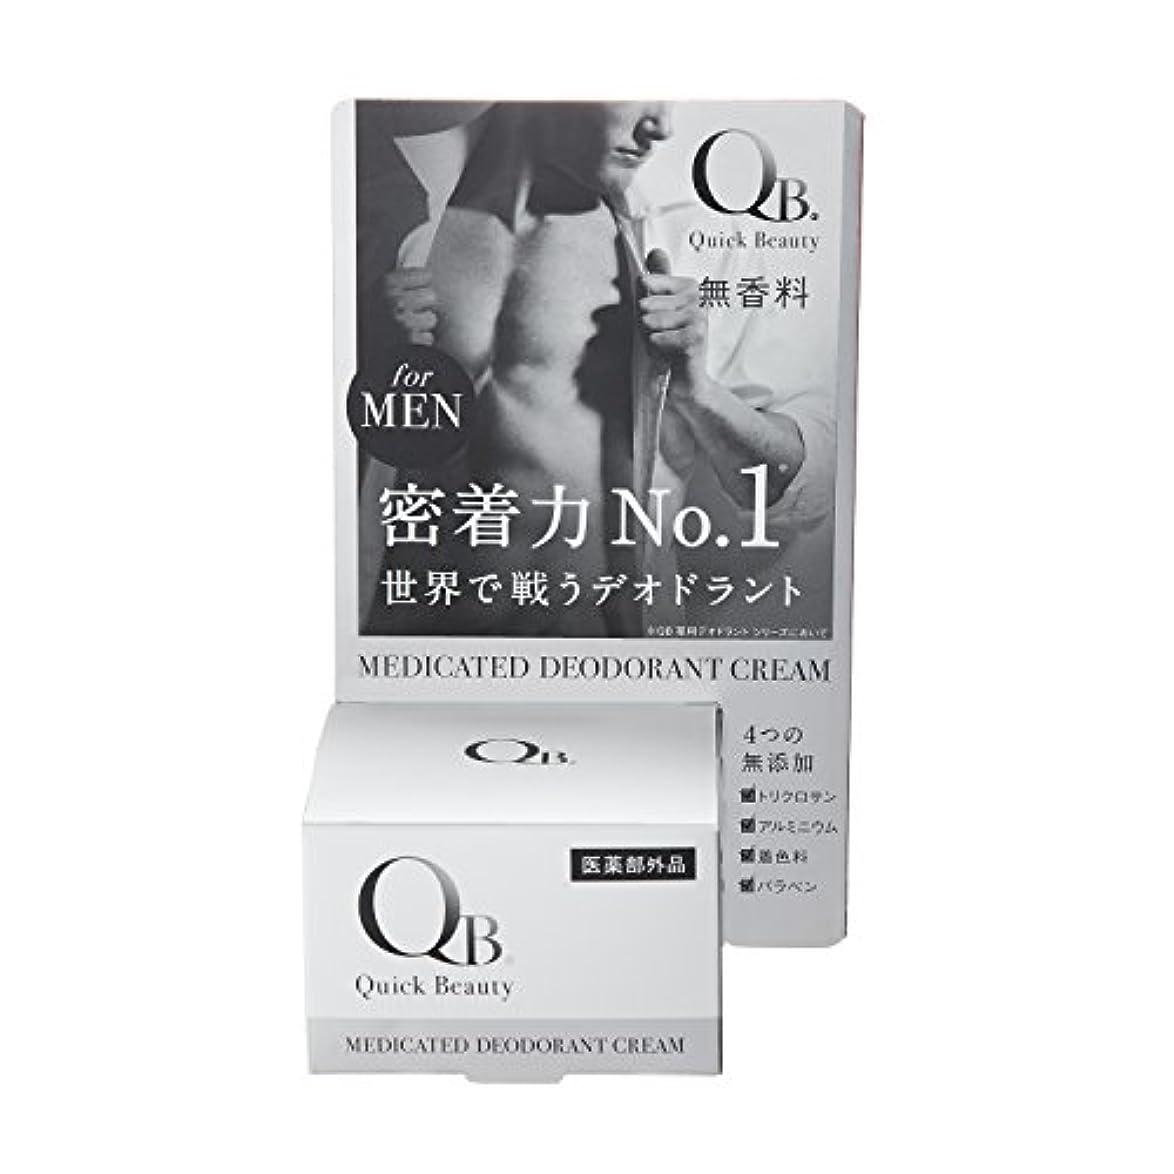 将来の使用法考えるQB 薬用デオドラントクリーム メンズ 30g